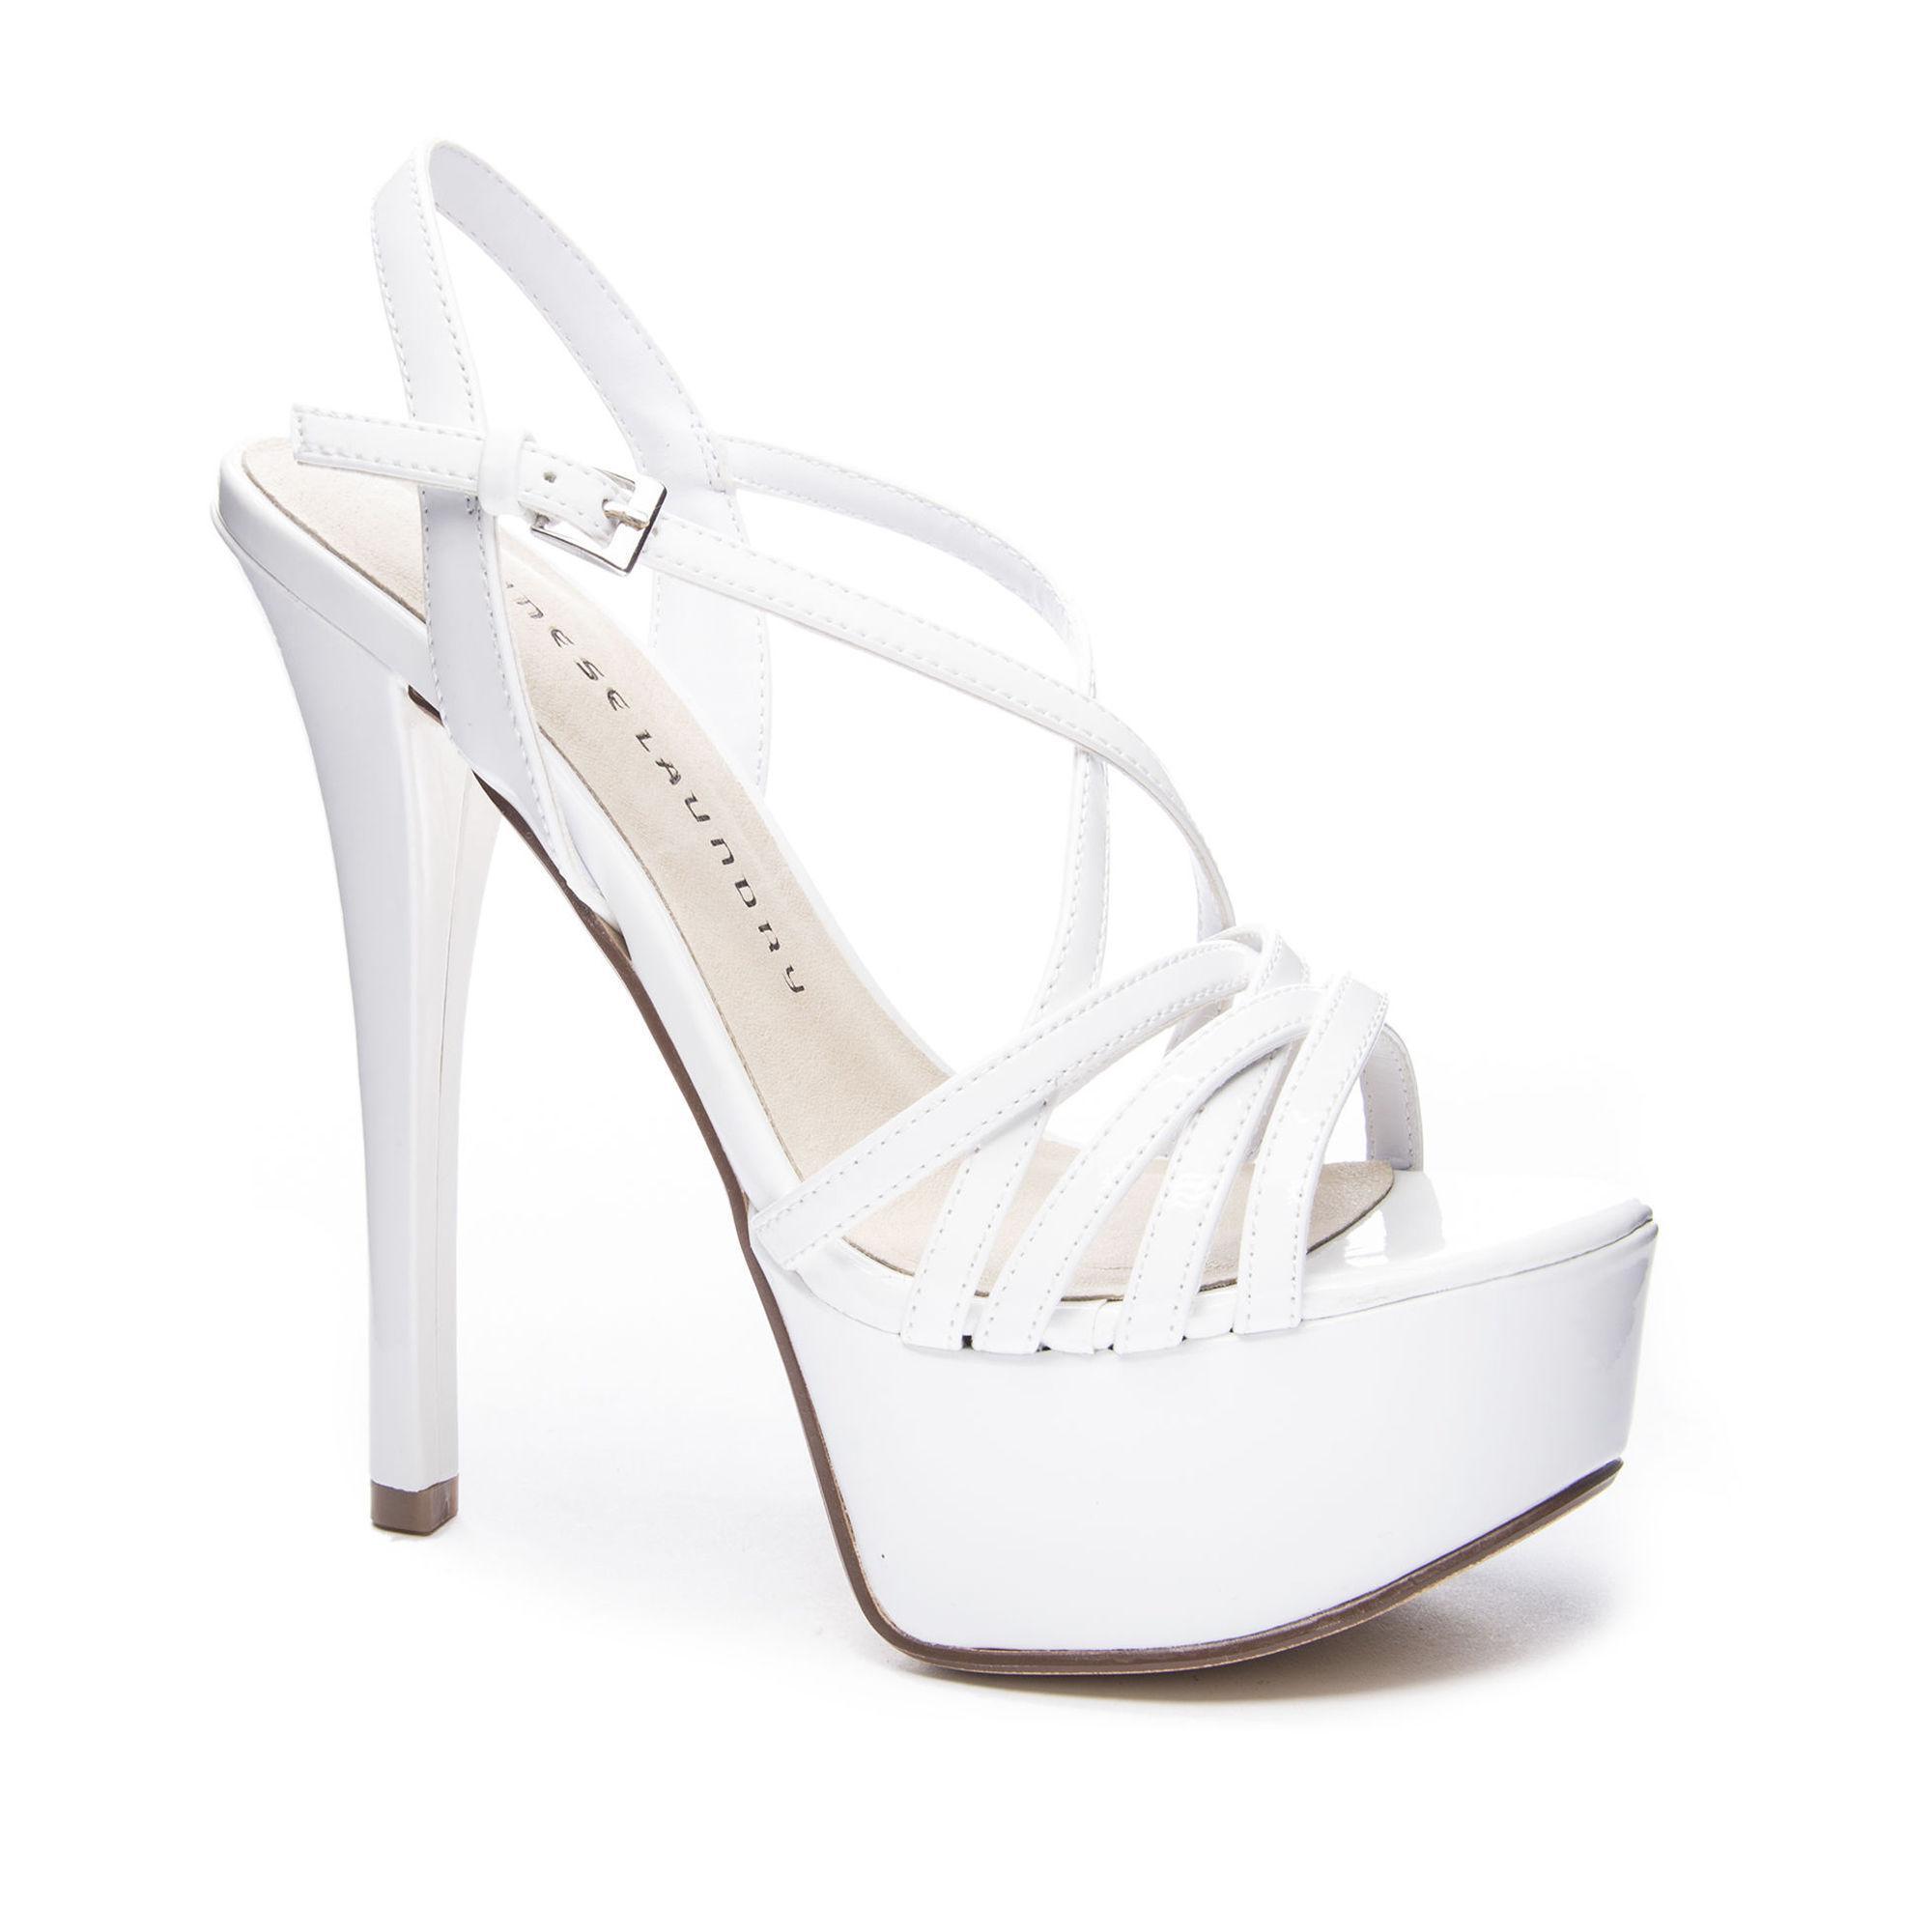 9e98f0405b8 Lyst - Chinese Laundry Teaser Platform Sandal in White